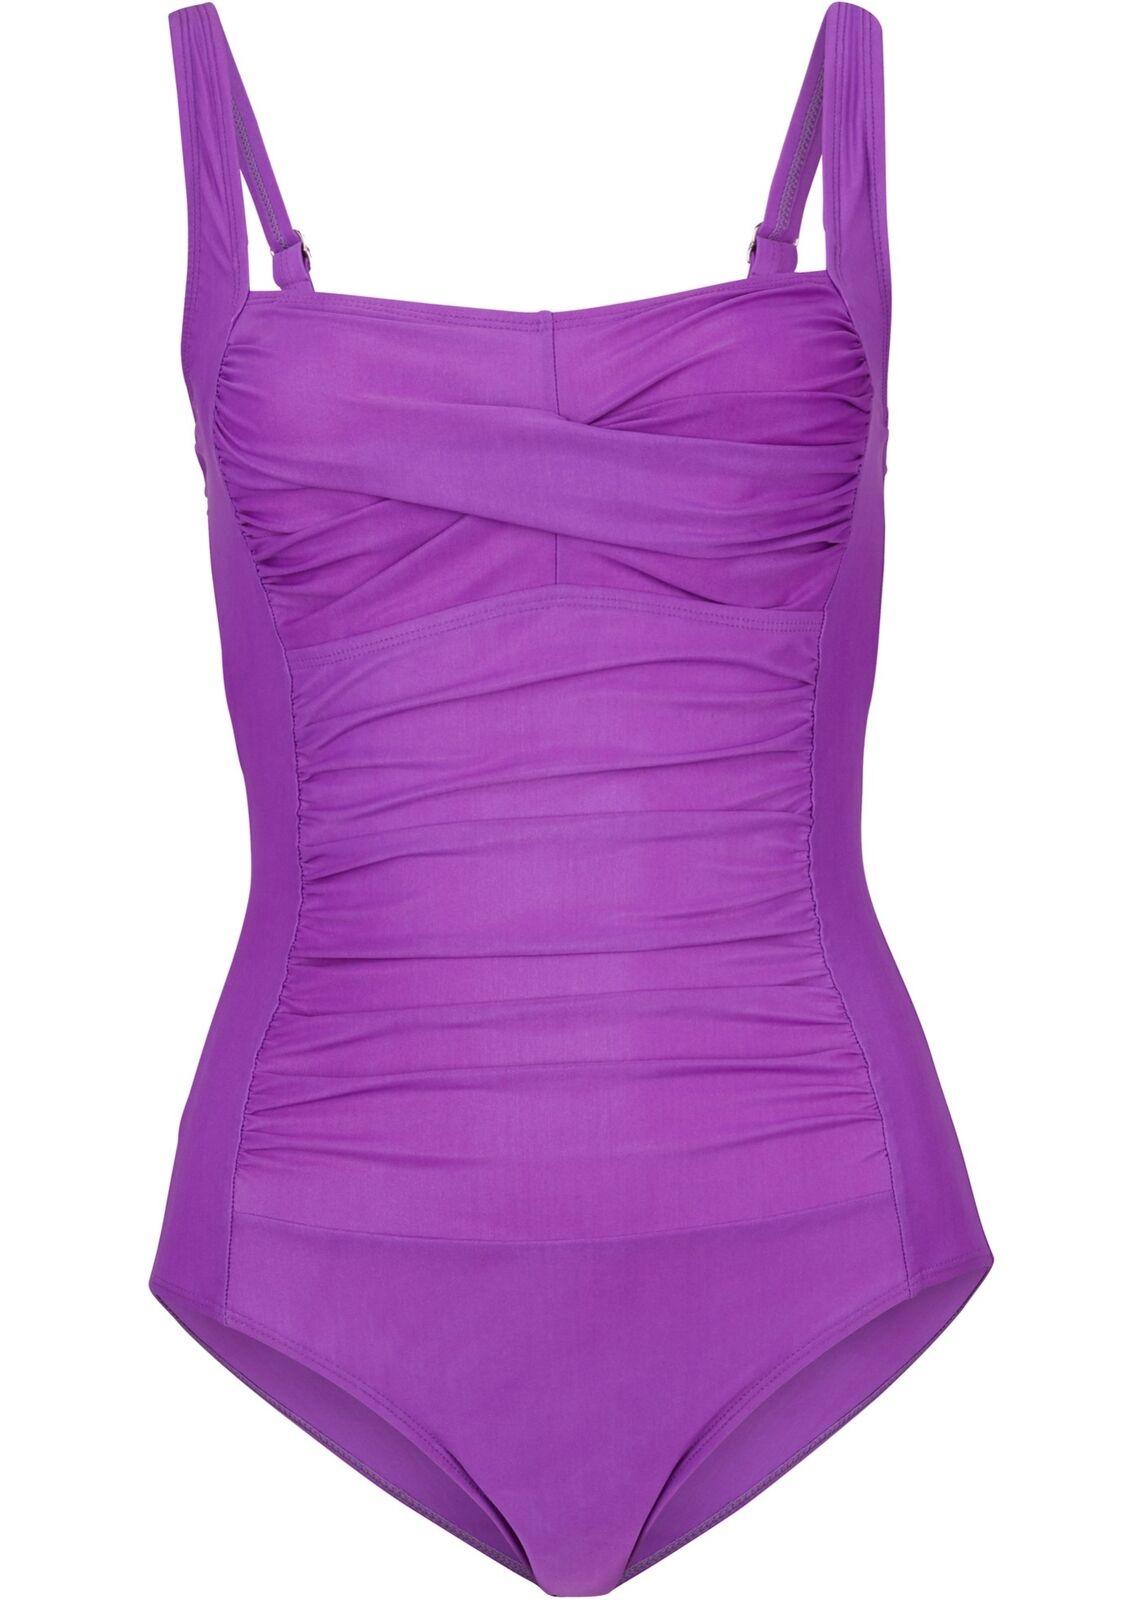 Shape Badeanzug Gr. 36 Flieder Damenbadeanzug Schwimm-Anzug Einteiler Neu*